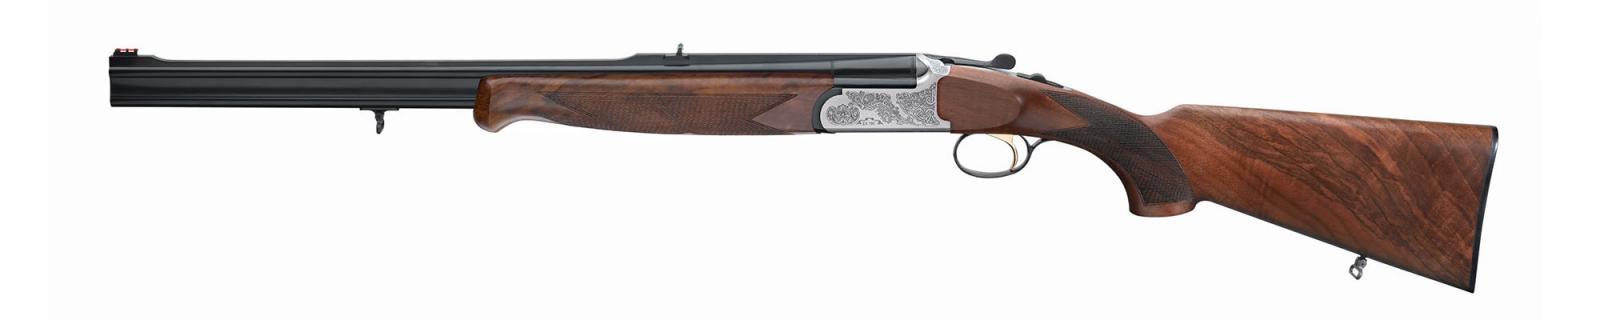 Carabine Express SABATTI 195 Cal. 9.3x74 R